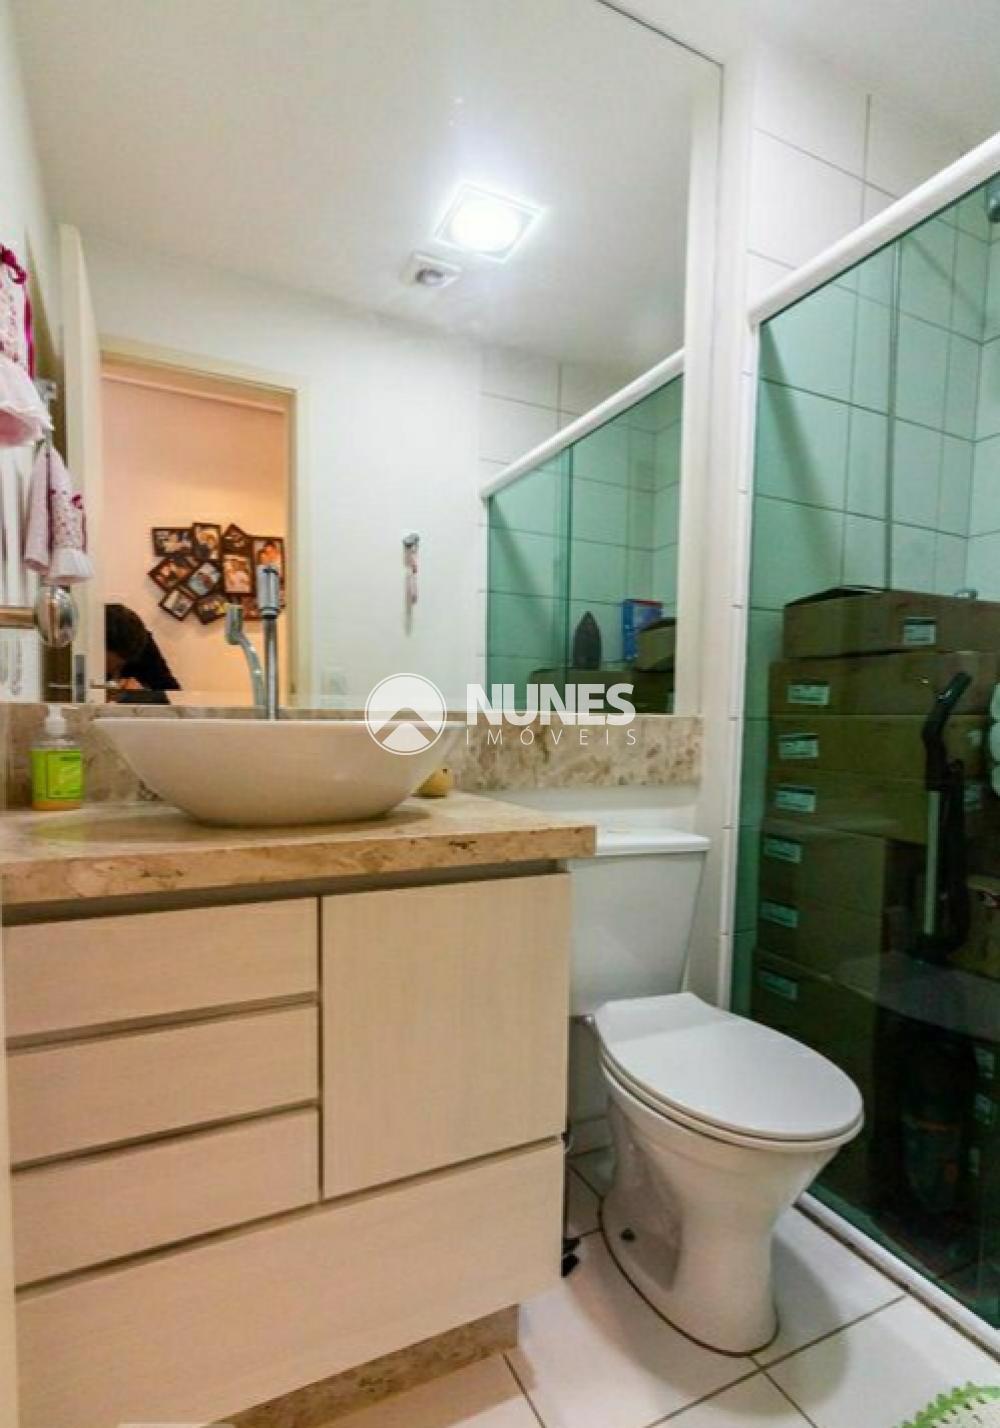 Comprar Apartamento / Padrão em Osasco apenas R$ 330.000,00 - Foto 21